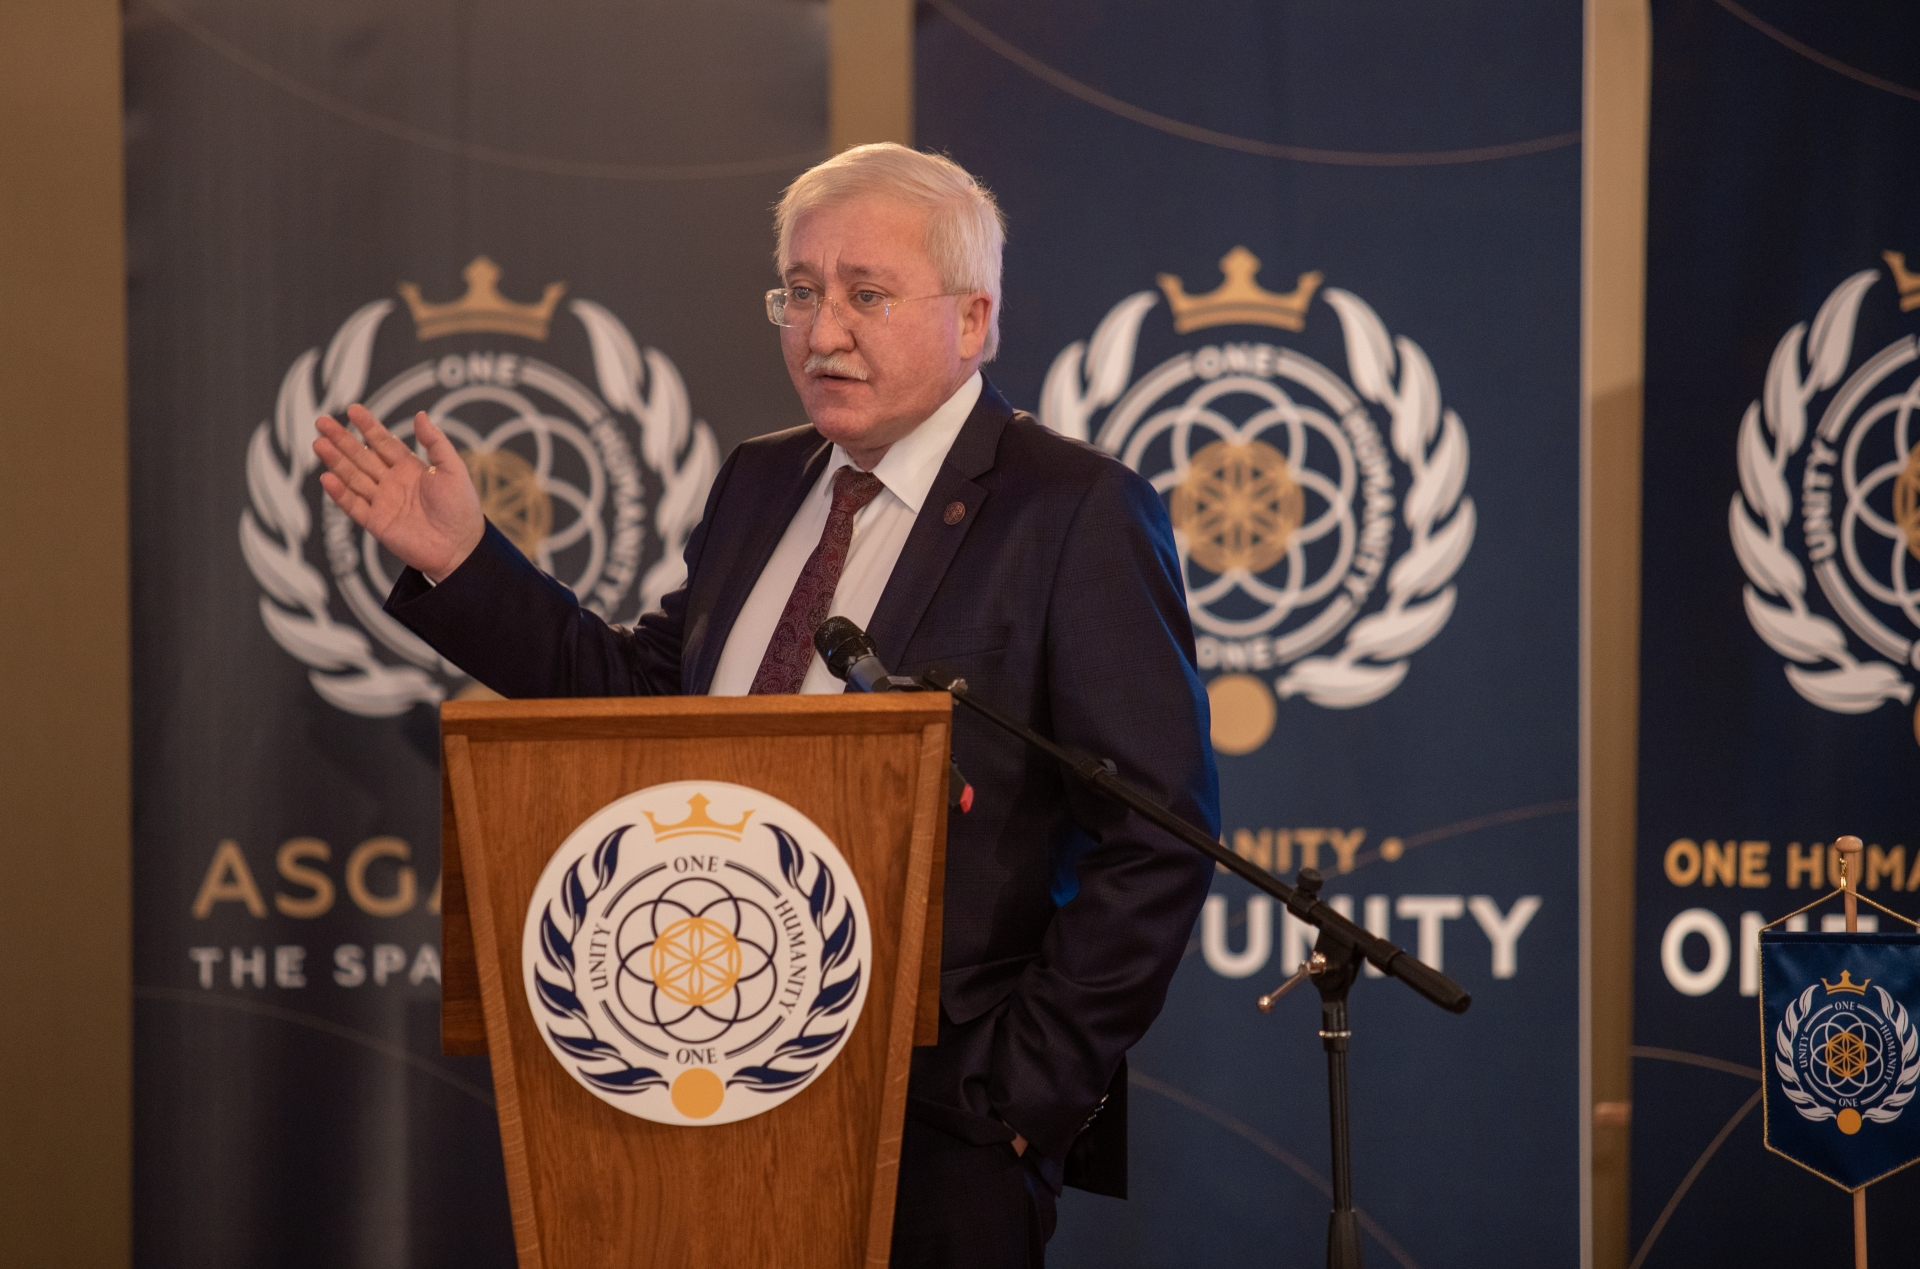 В Вене состоялся первая в истории встреча руководства космического государства